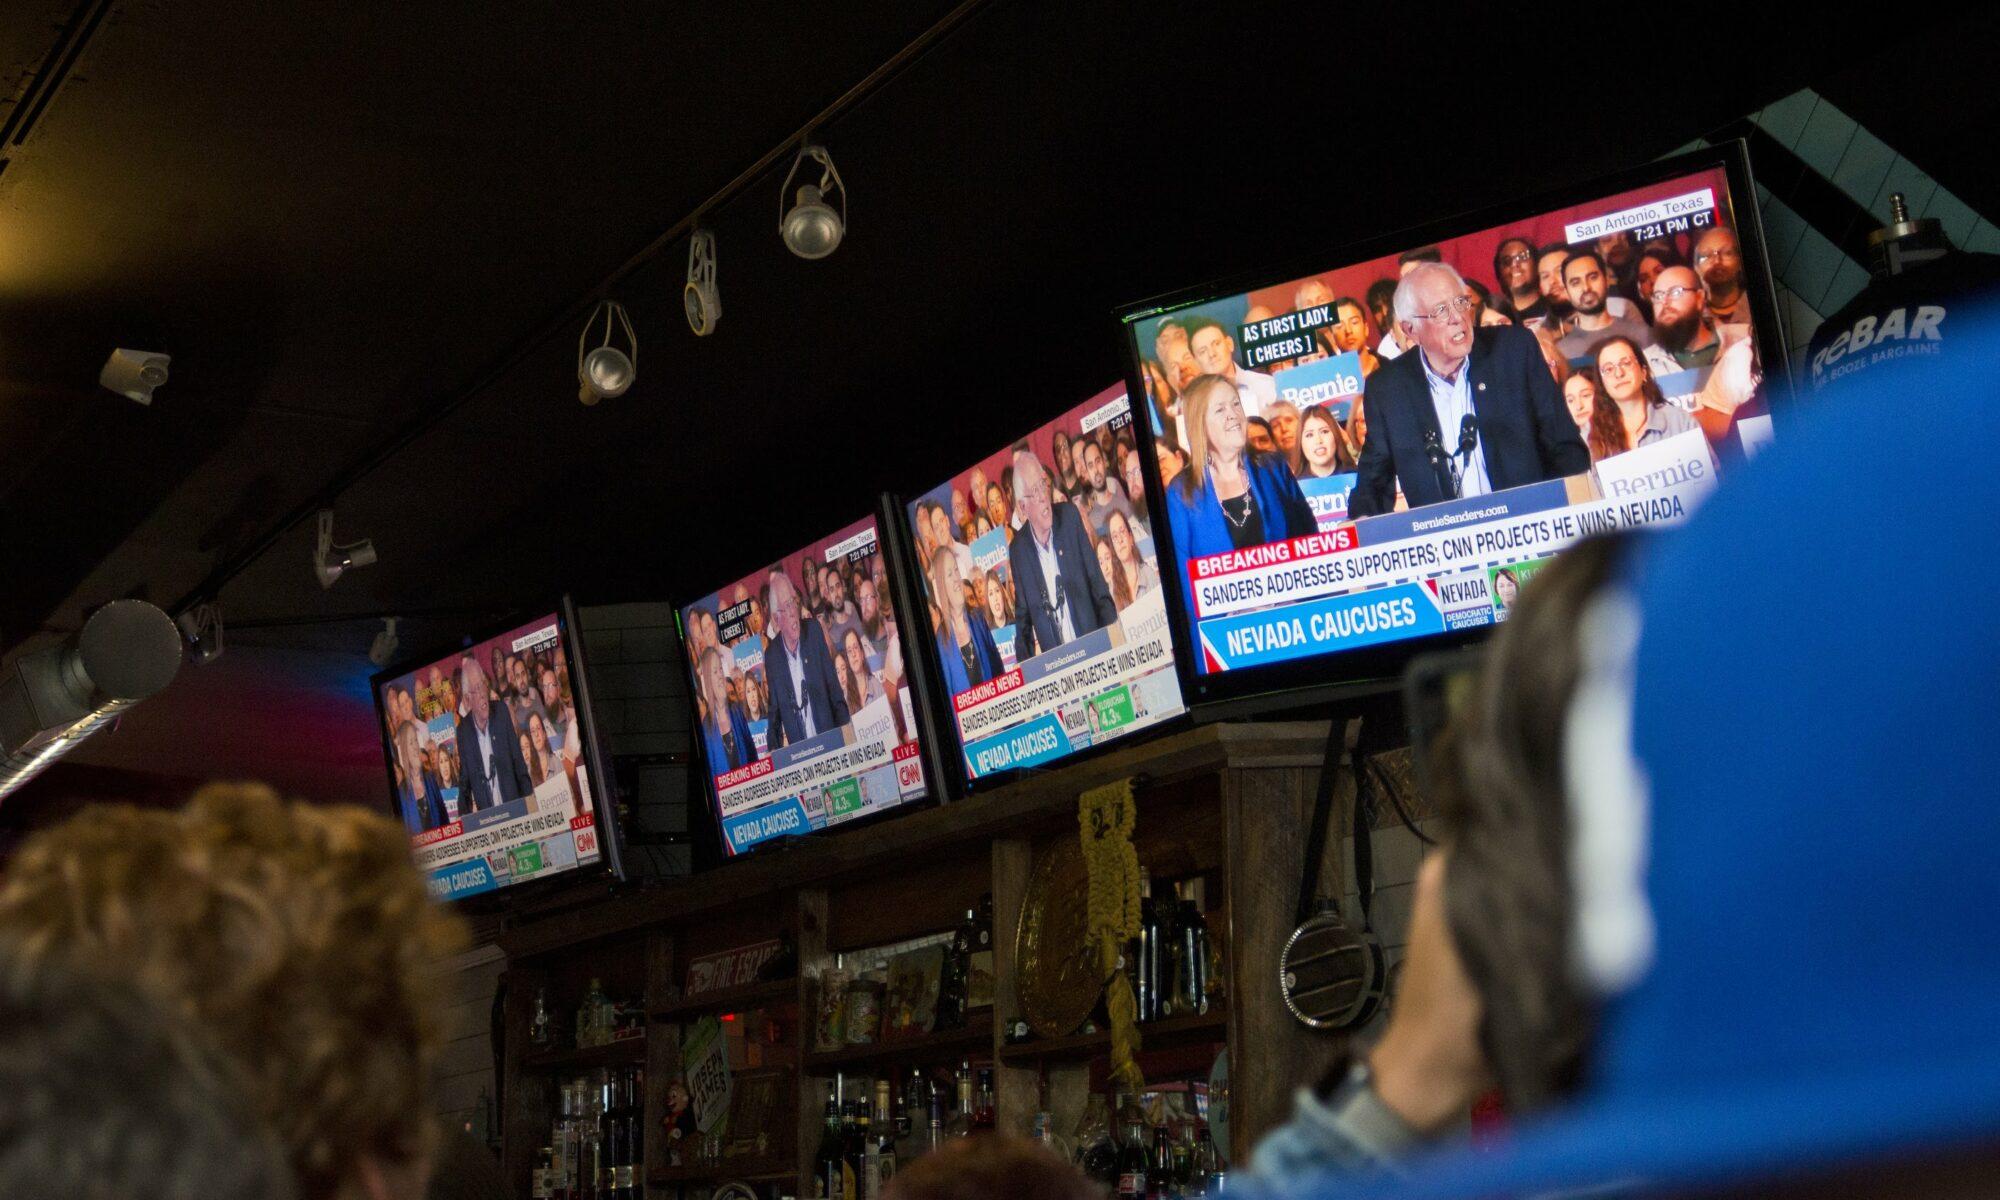 Bernie Sanders on television screens at ReBar in Las Vegas